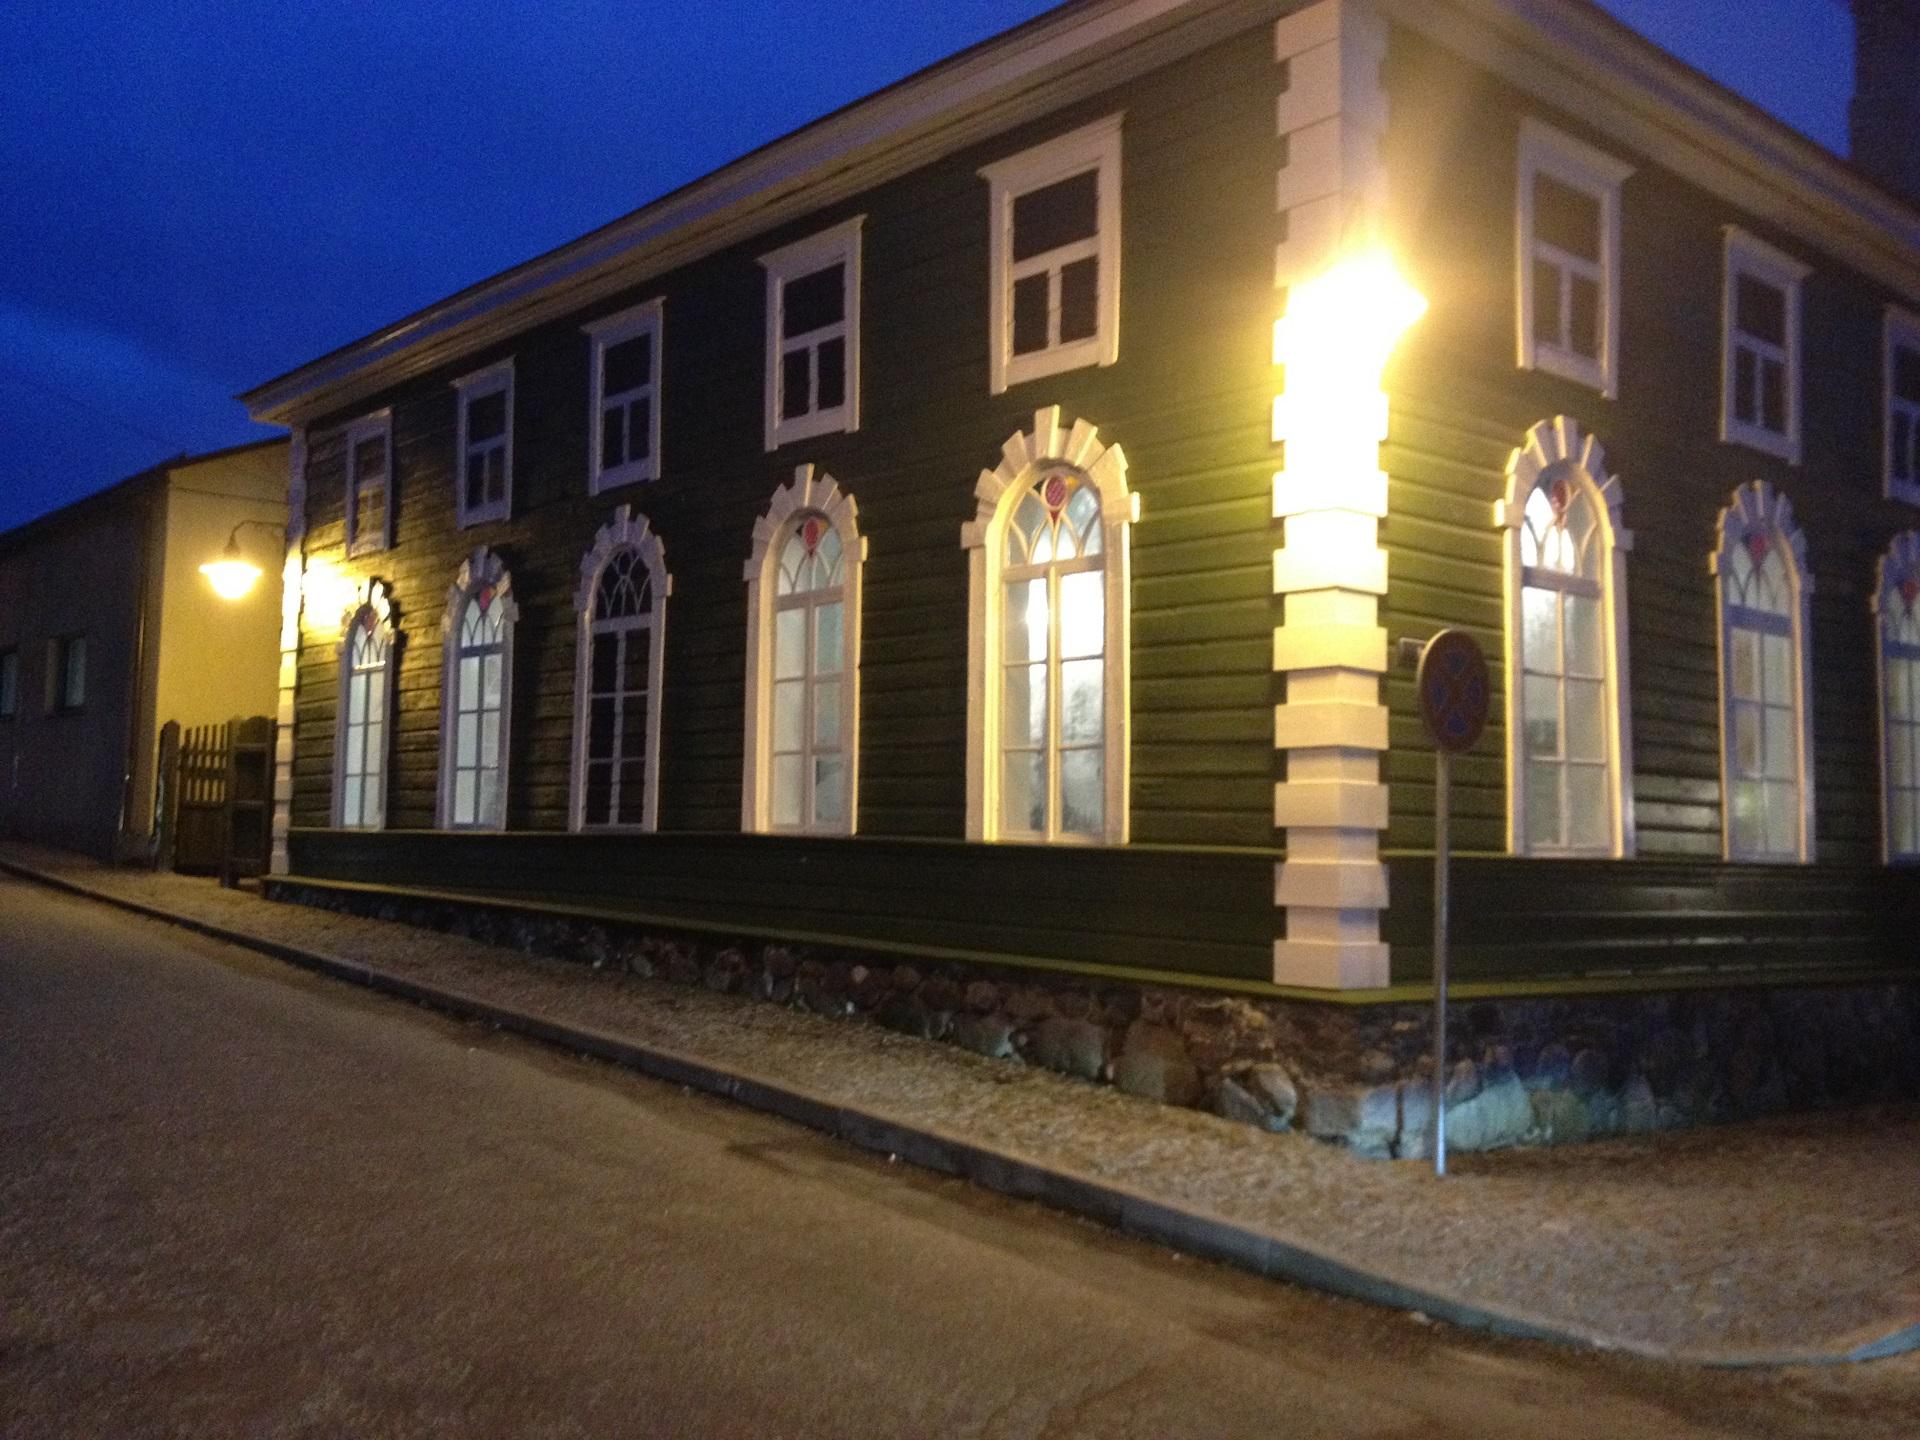 Den Grønne Synagoge i november 2015. Foto: Rezekne kommune